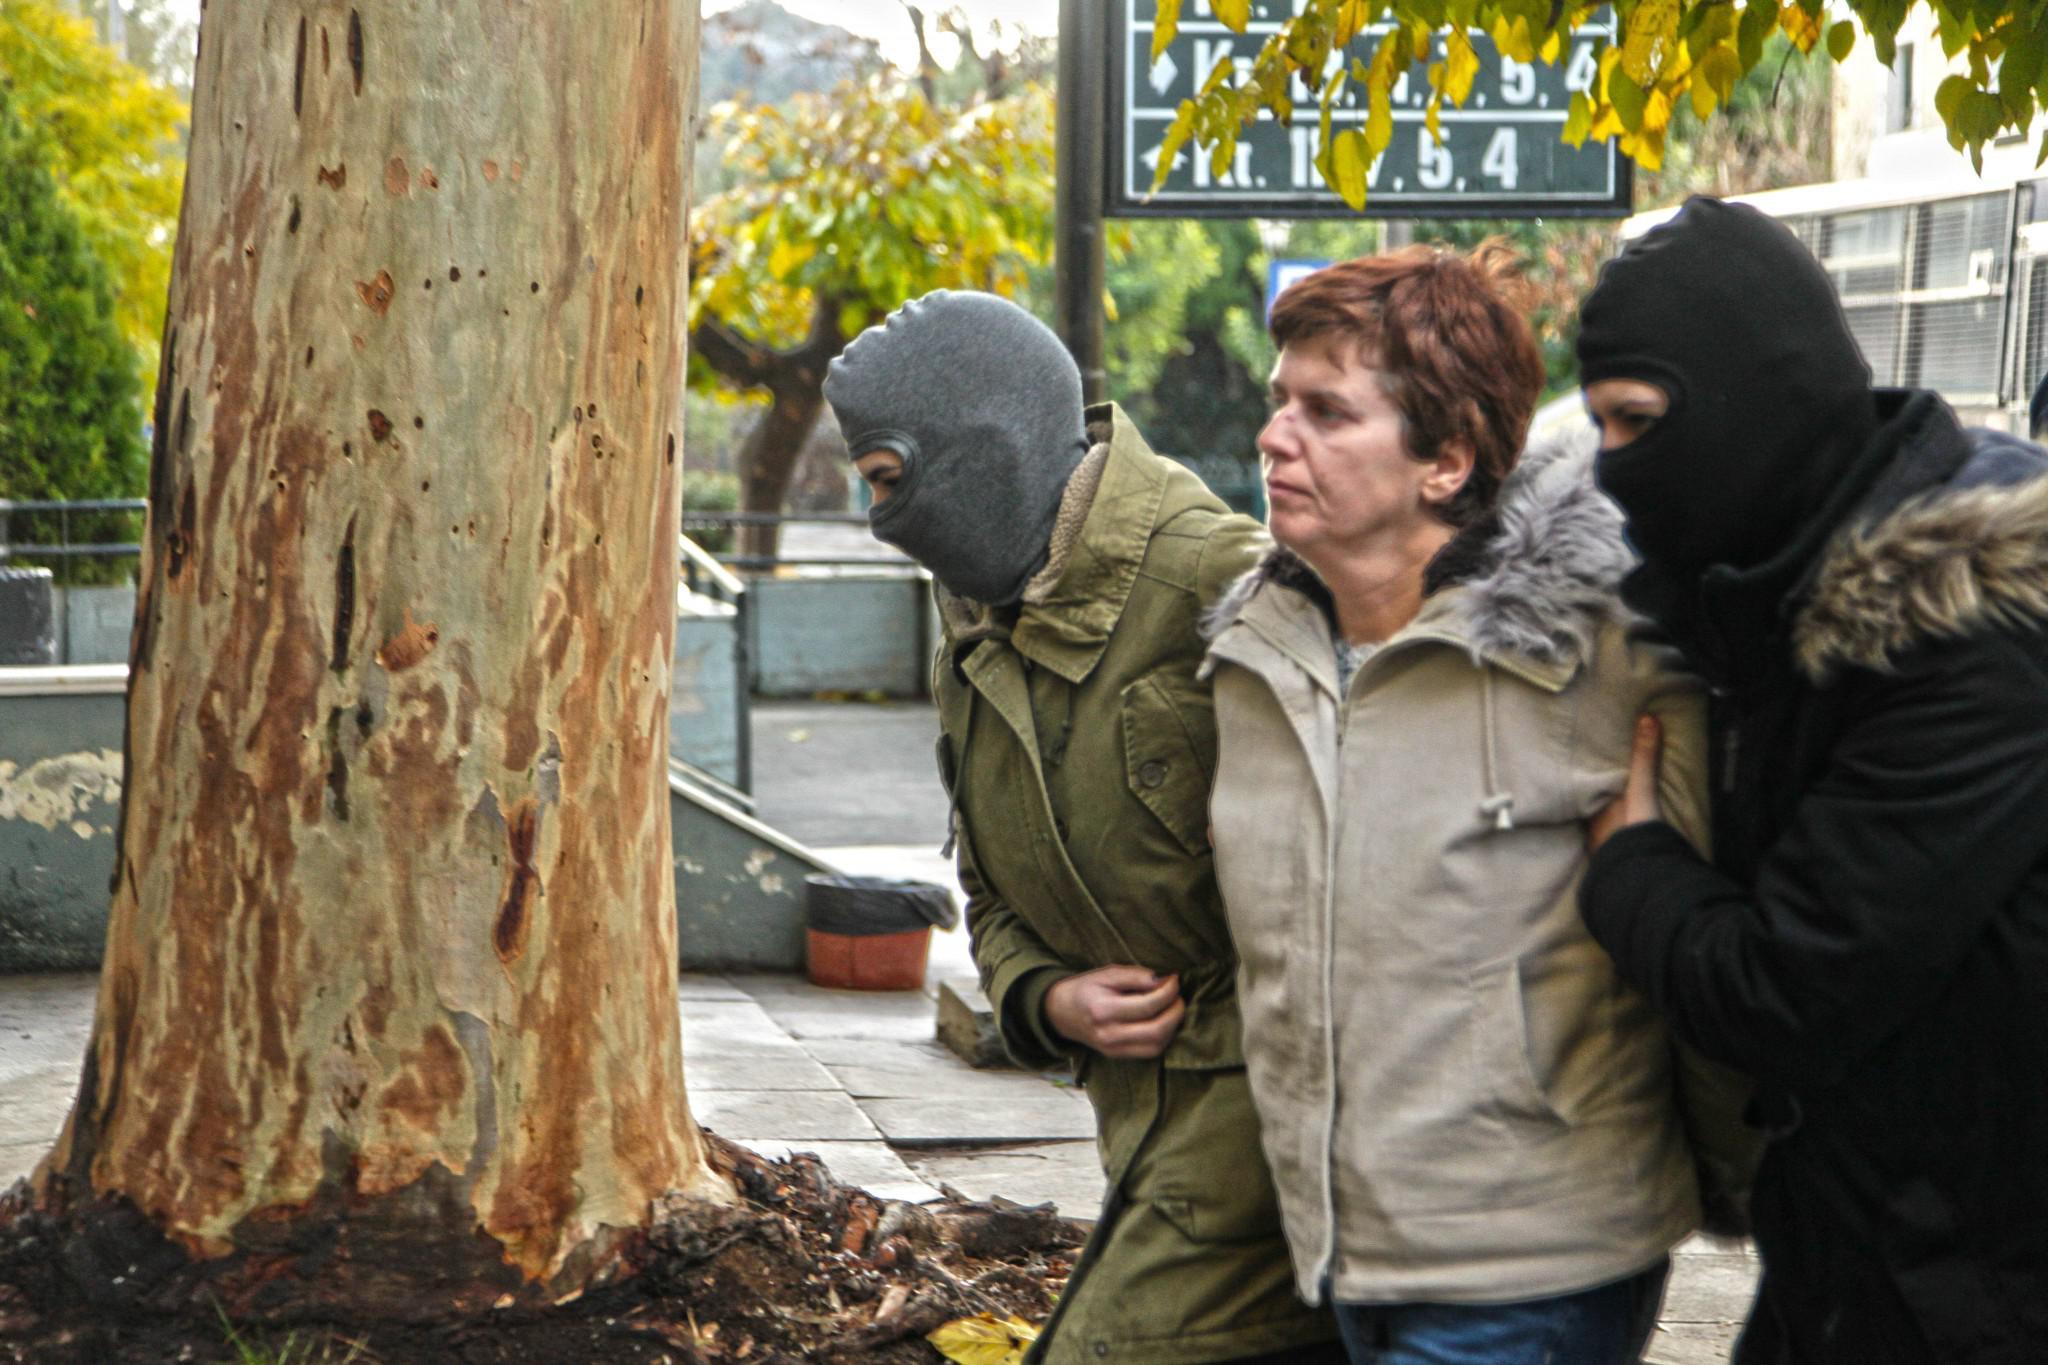 eisaggelia1-500 Προφυλακιστέες Ρούπα και 25χρονη - Κατηγορούνται για νέα τρομοκρατική οργάνωση